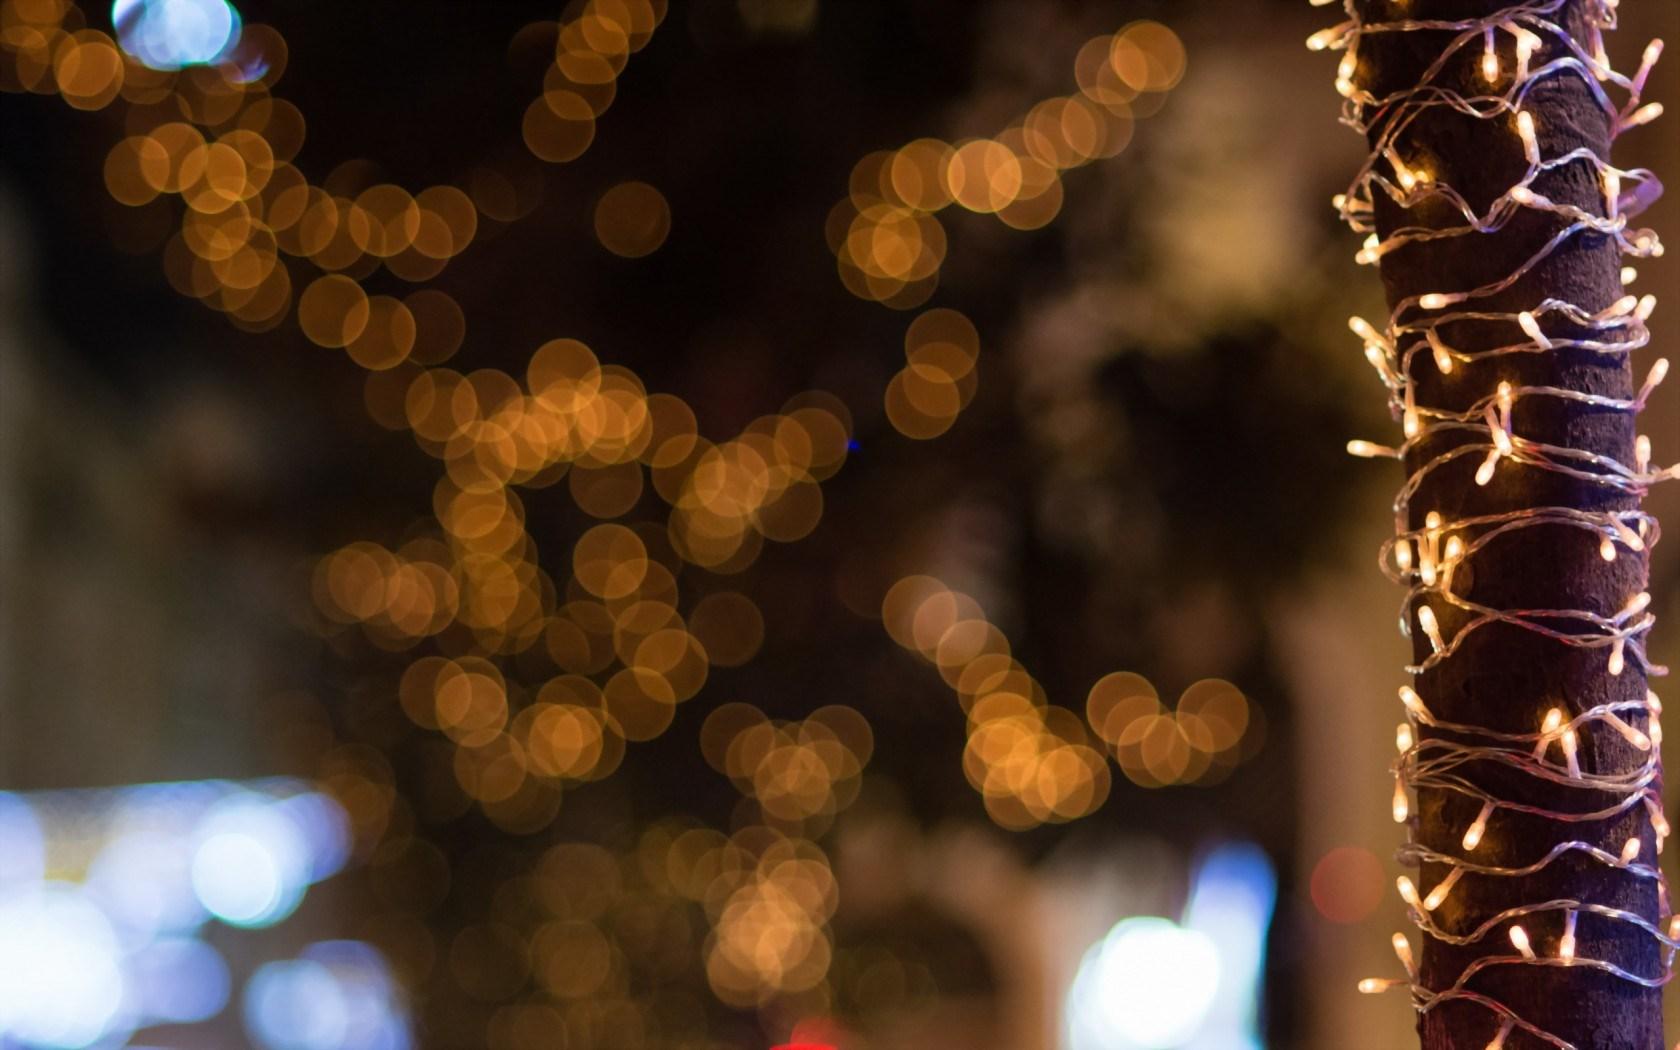 Hd wallpapers christmas lights 058